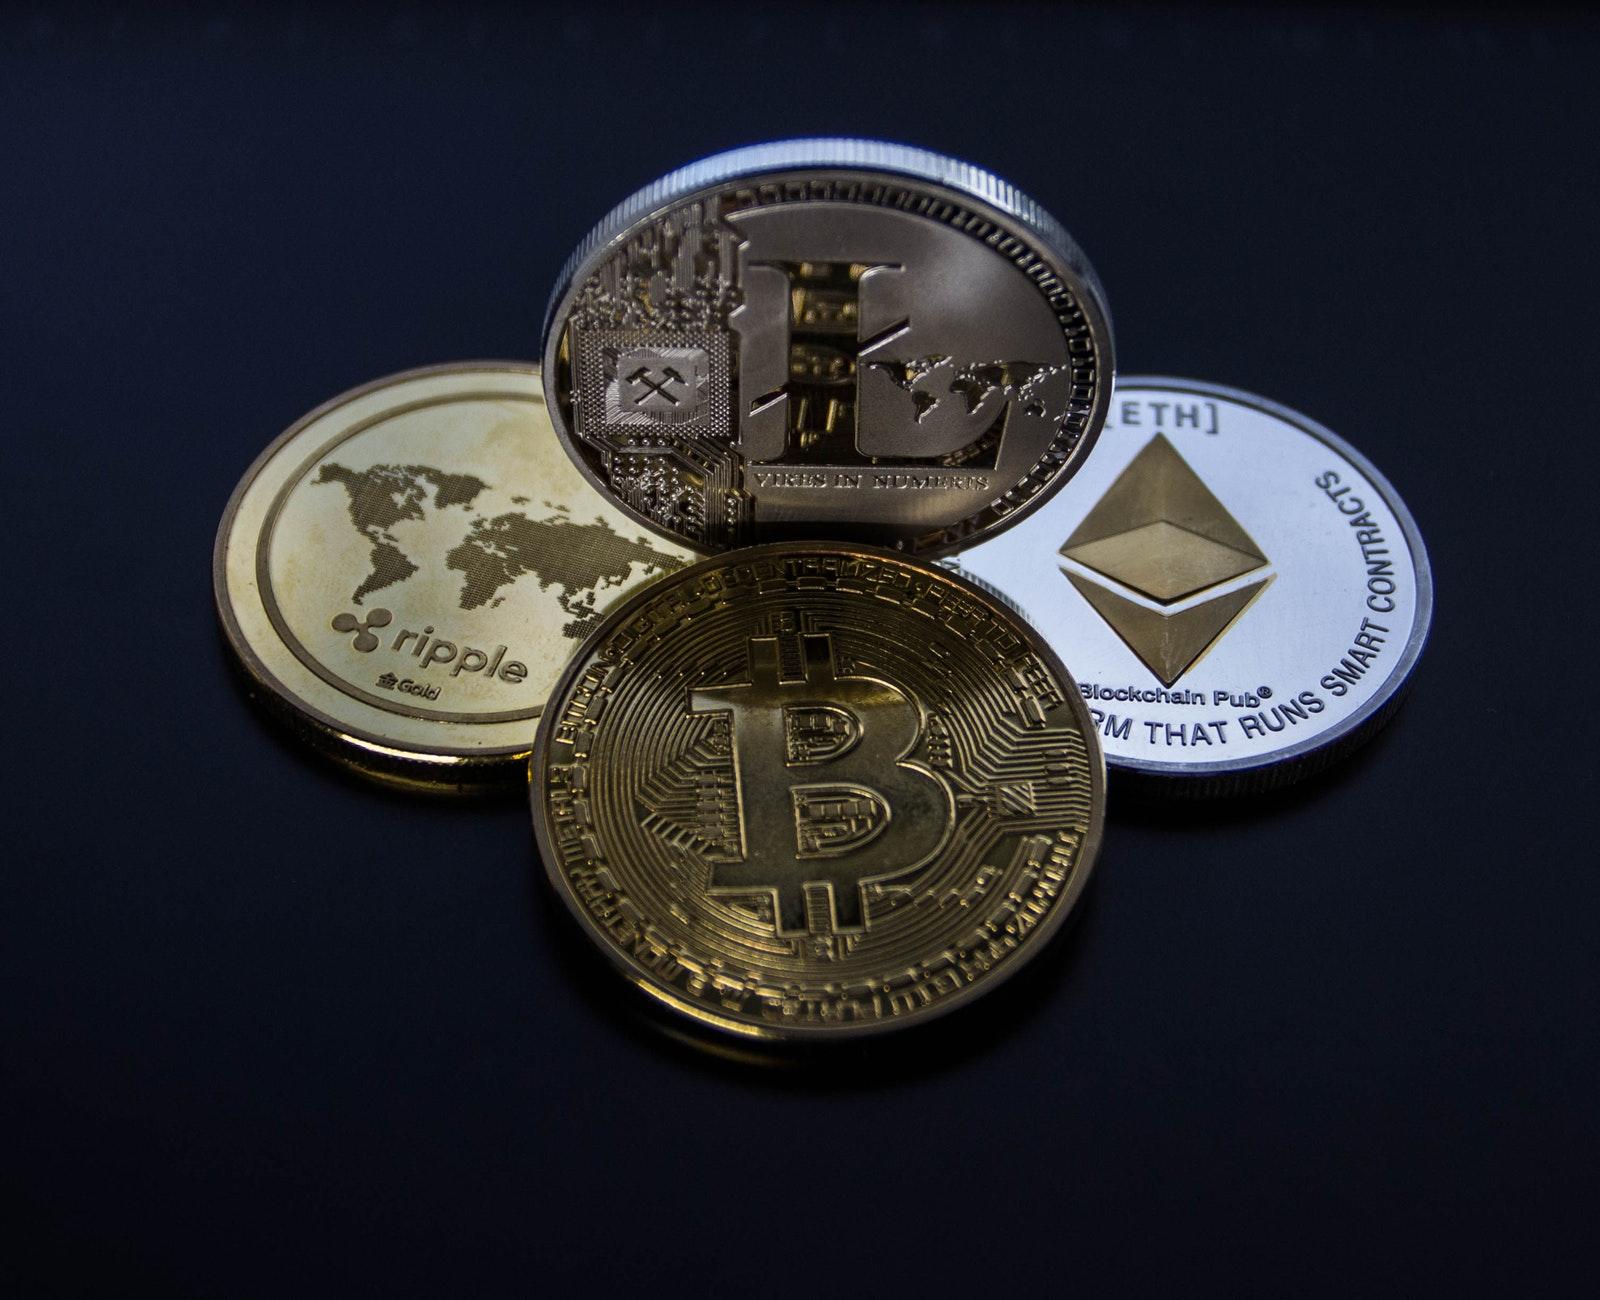 Чи є перспективи у криптовалюти як засобу обігу чи платежу